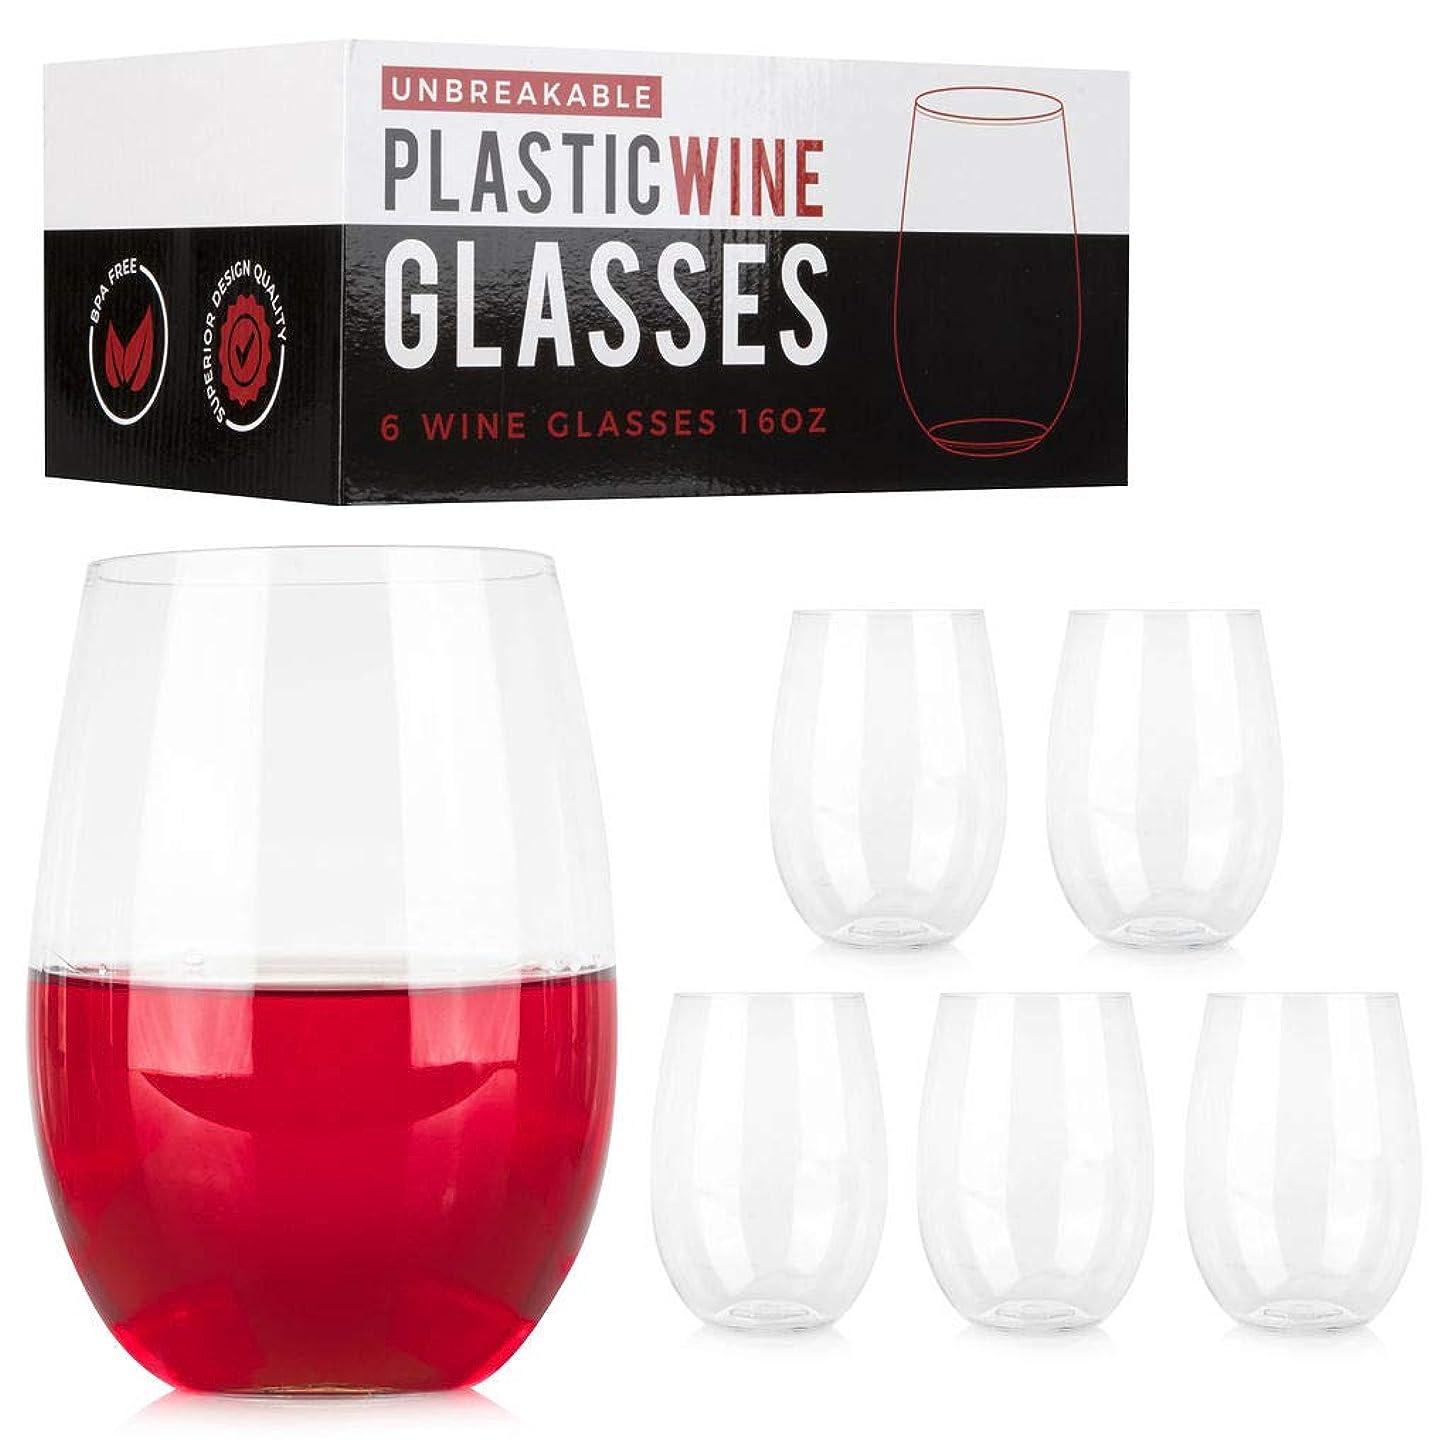 獲物抽象悪いConnectedPlus ステムレスプラスチックワイングラス 壊れないパーティーグラス ワインタンブラー - 飛散防止 再利用可能 16オンス ステムレスワインカップ 屋外ピクニックやプールパーティーに最適 - グラス6個セット